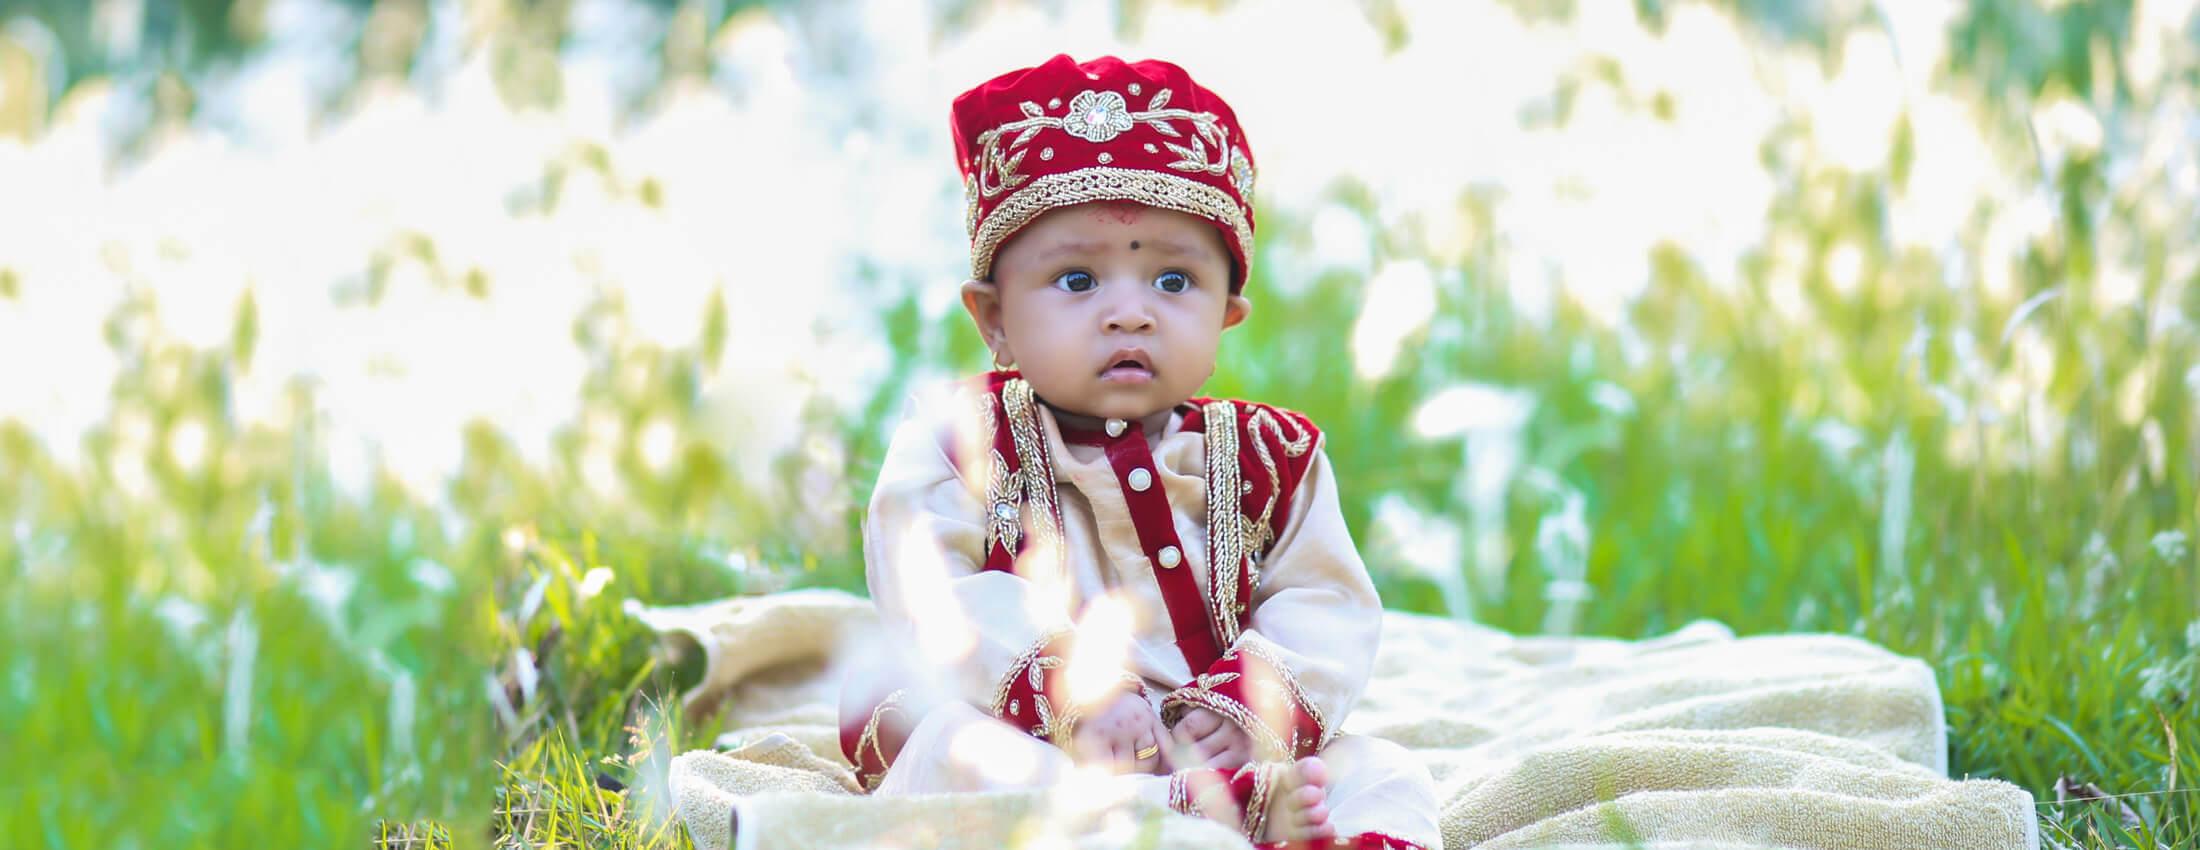 Pasni Photoshoot - Imgstock, Biratnagar